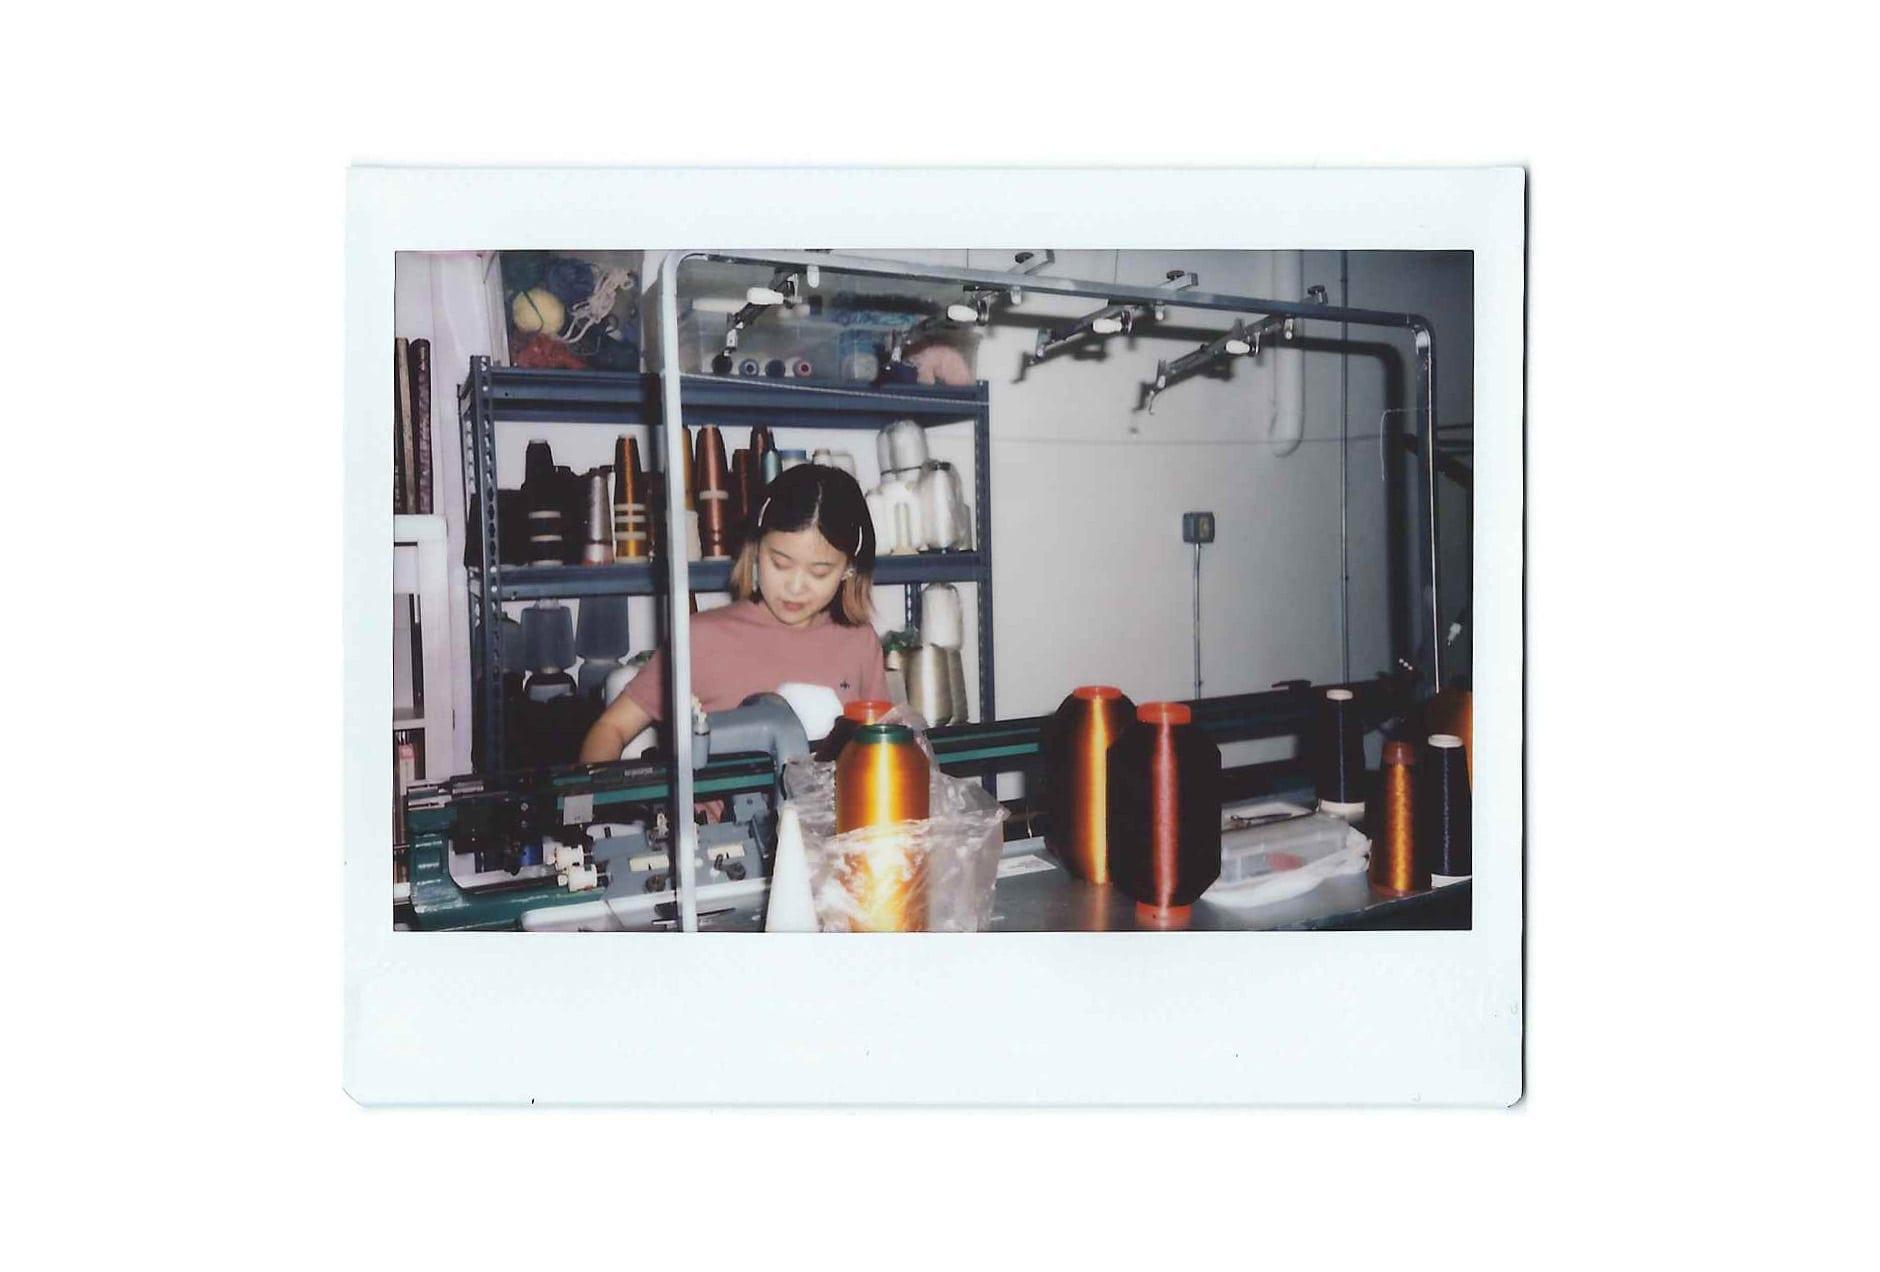 DANDELION-1994-4-min